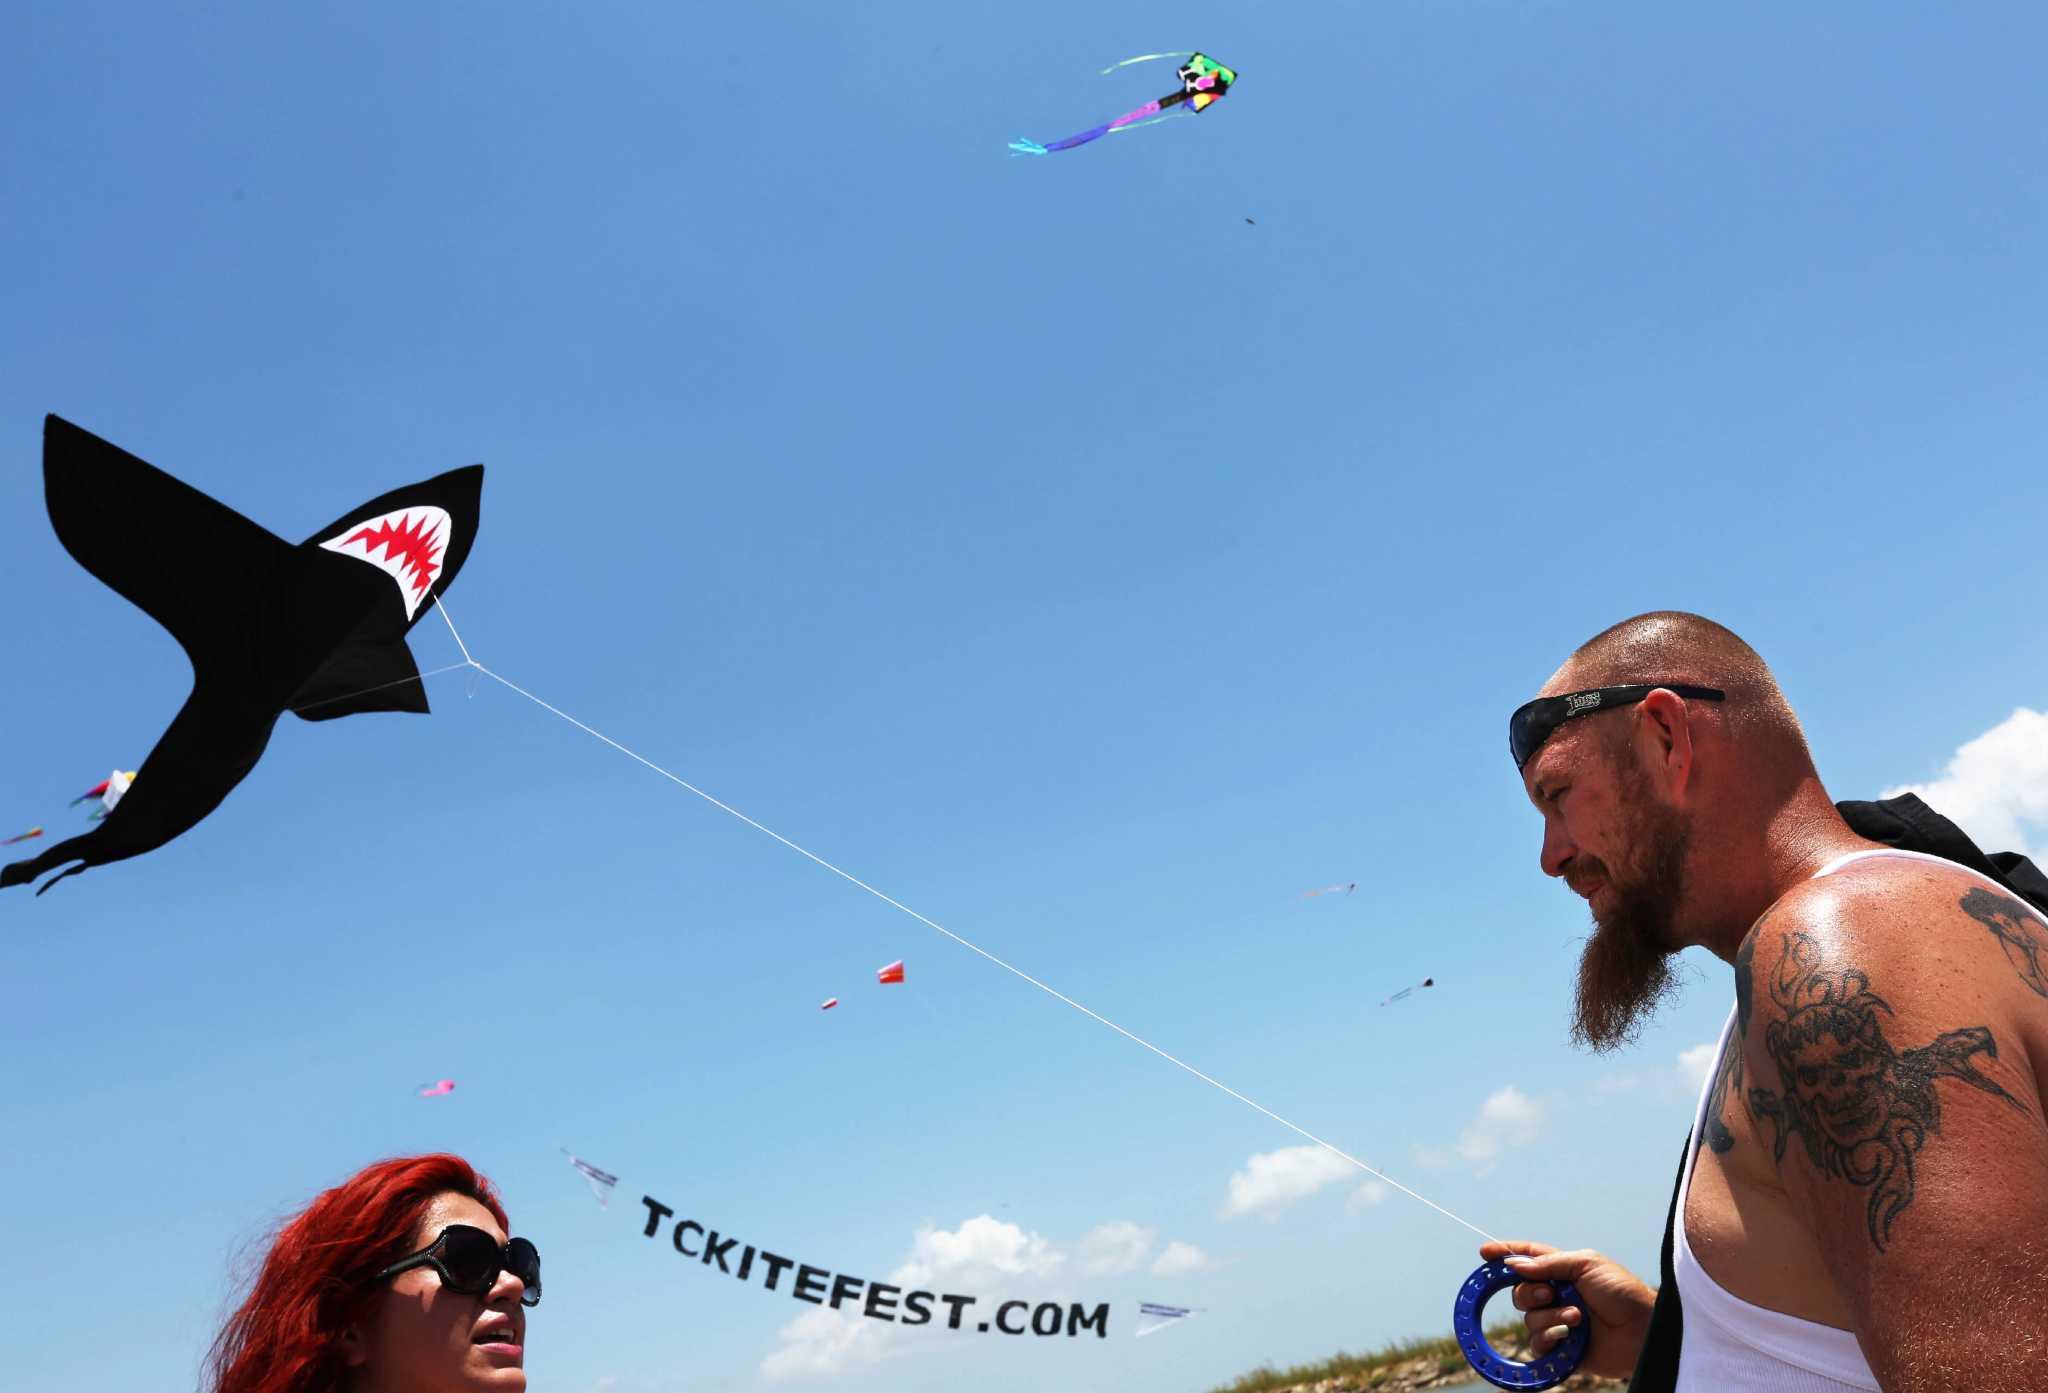 Kites Fly High Over Texas City Houston Chronicle